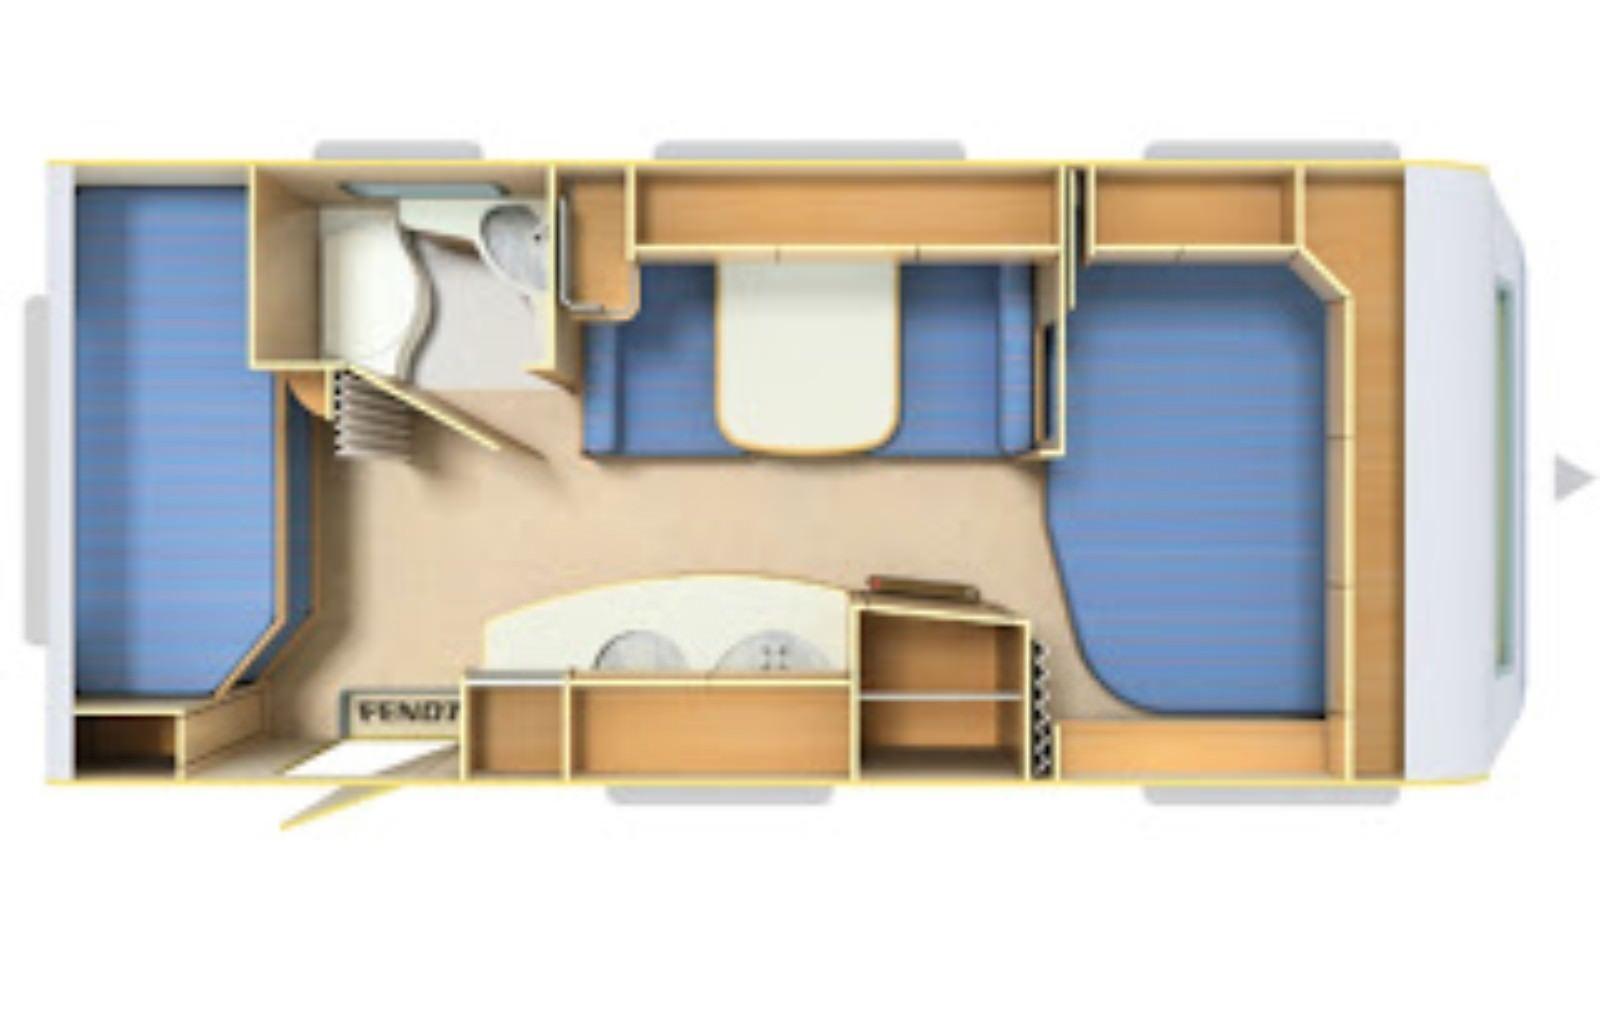 Fendt Etagenbett Kinderzimmer : Zeit für was neues wohnwagen fendt saphir tfk kimchi express